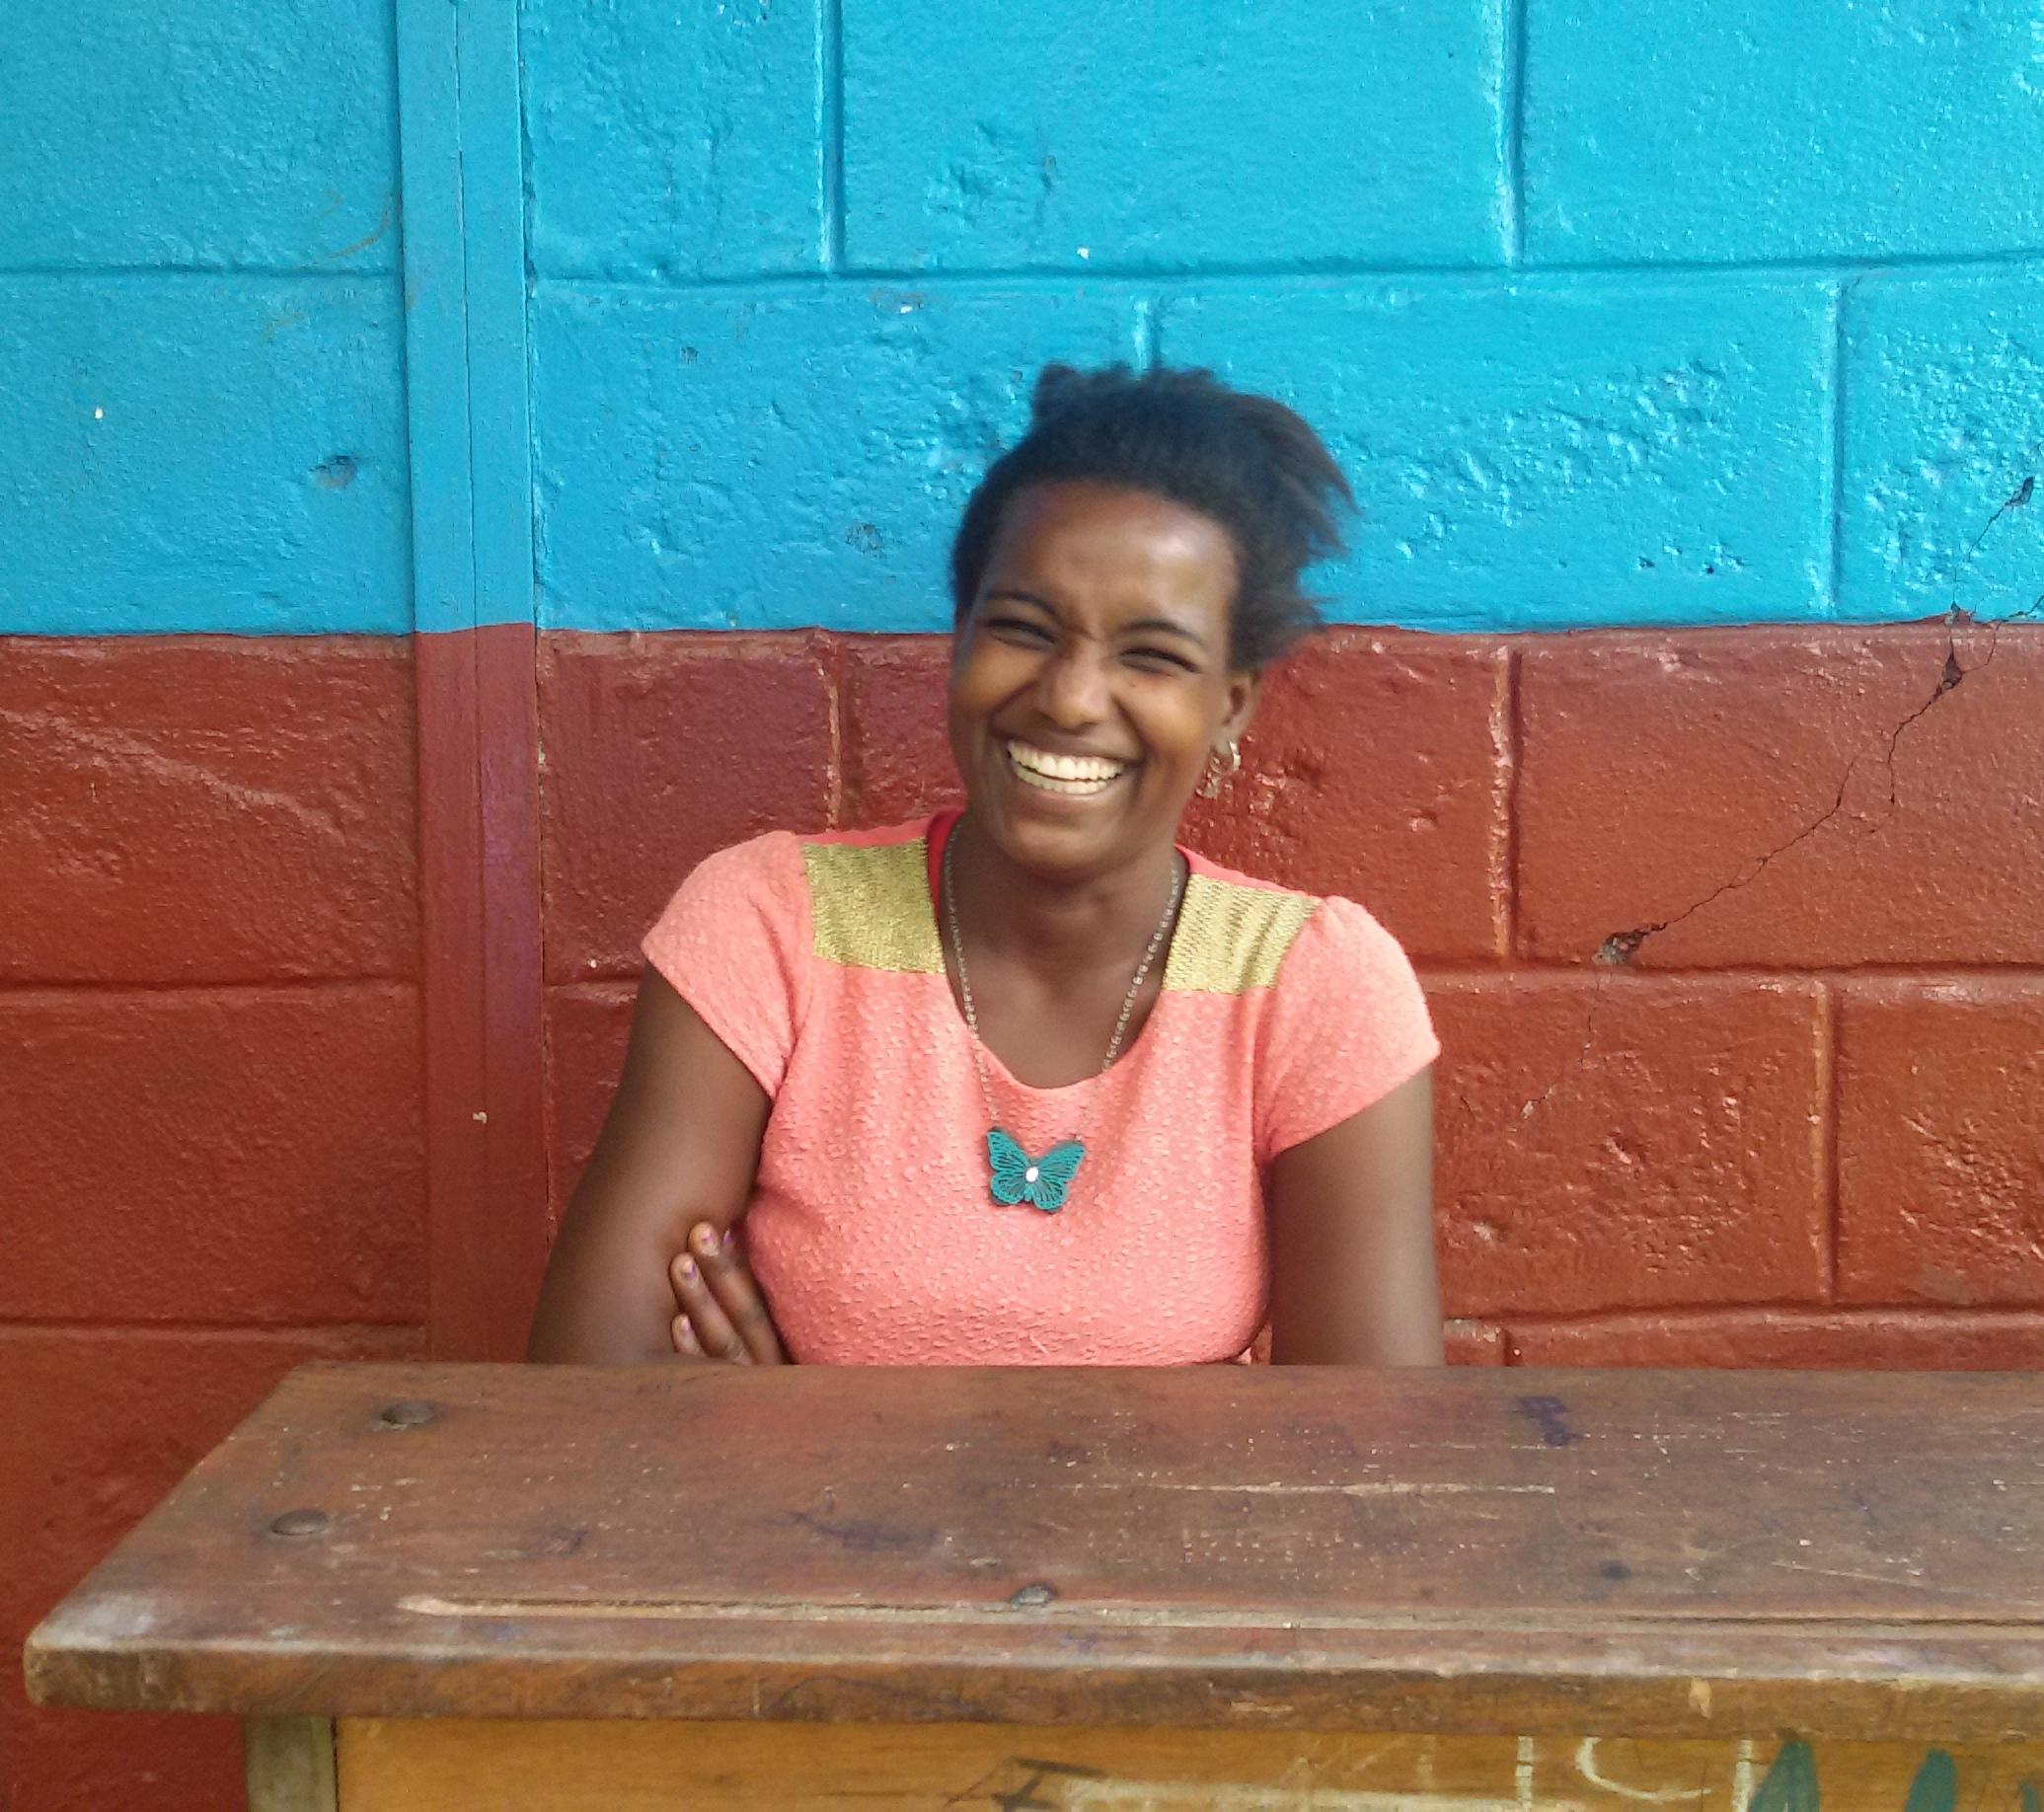 La giovane Tishager che sorride durante l'intervista